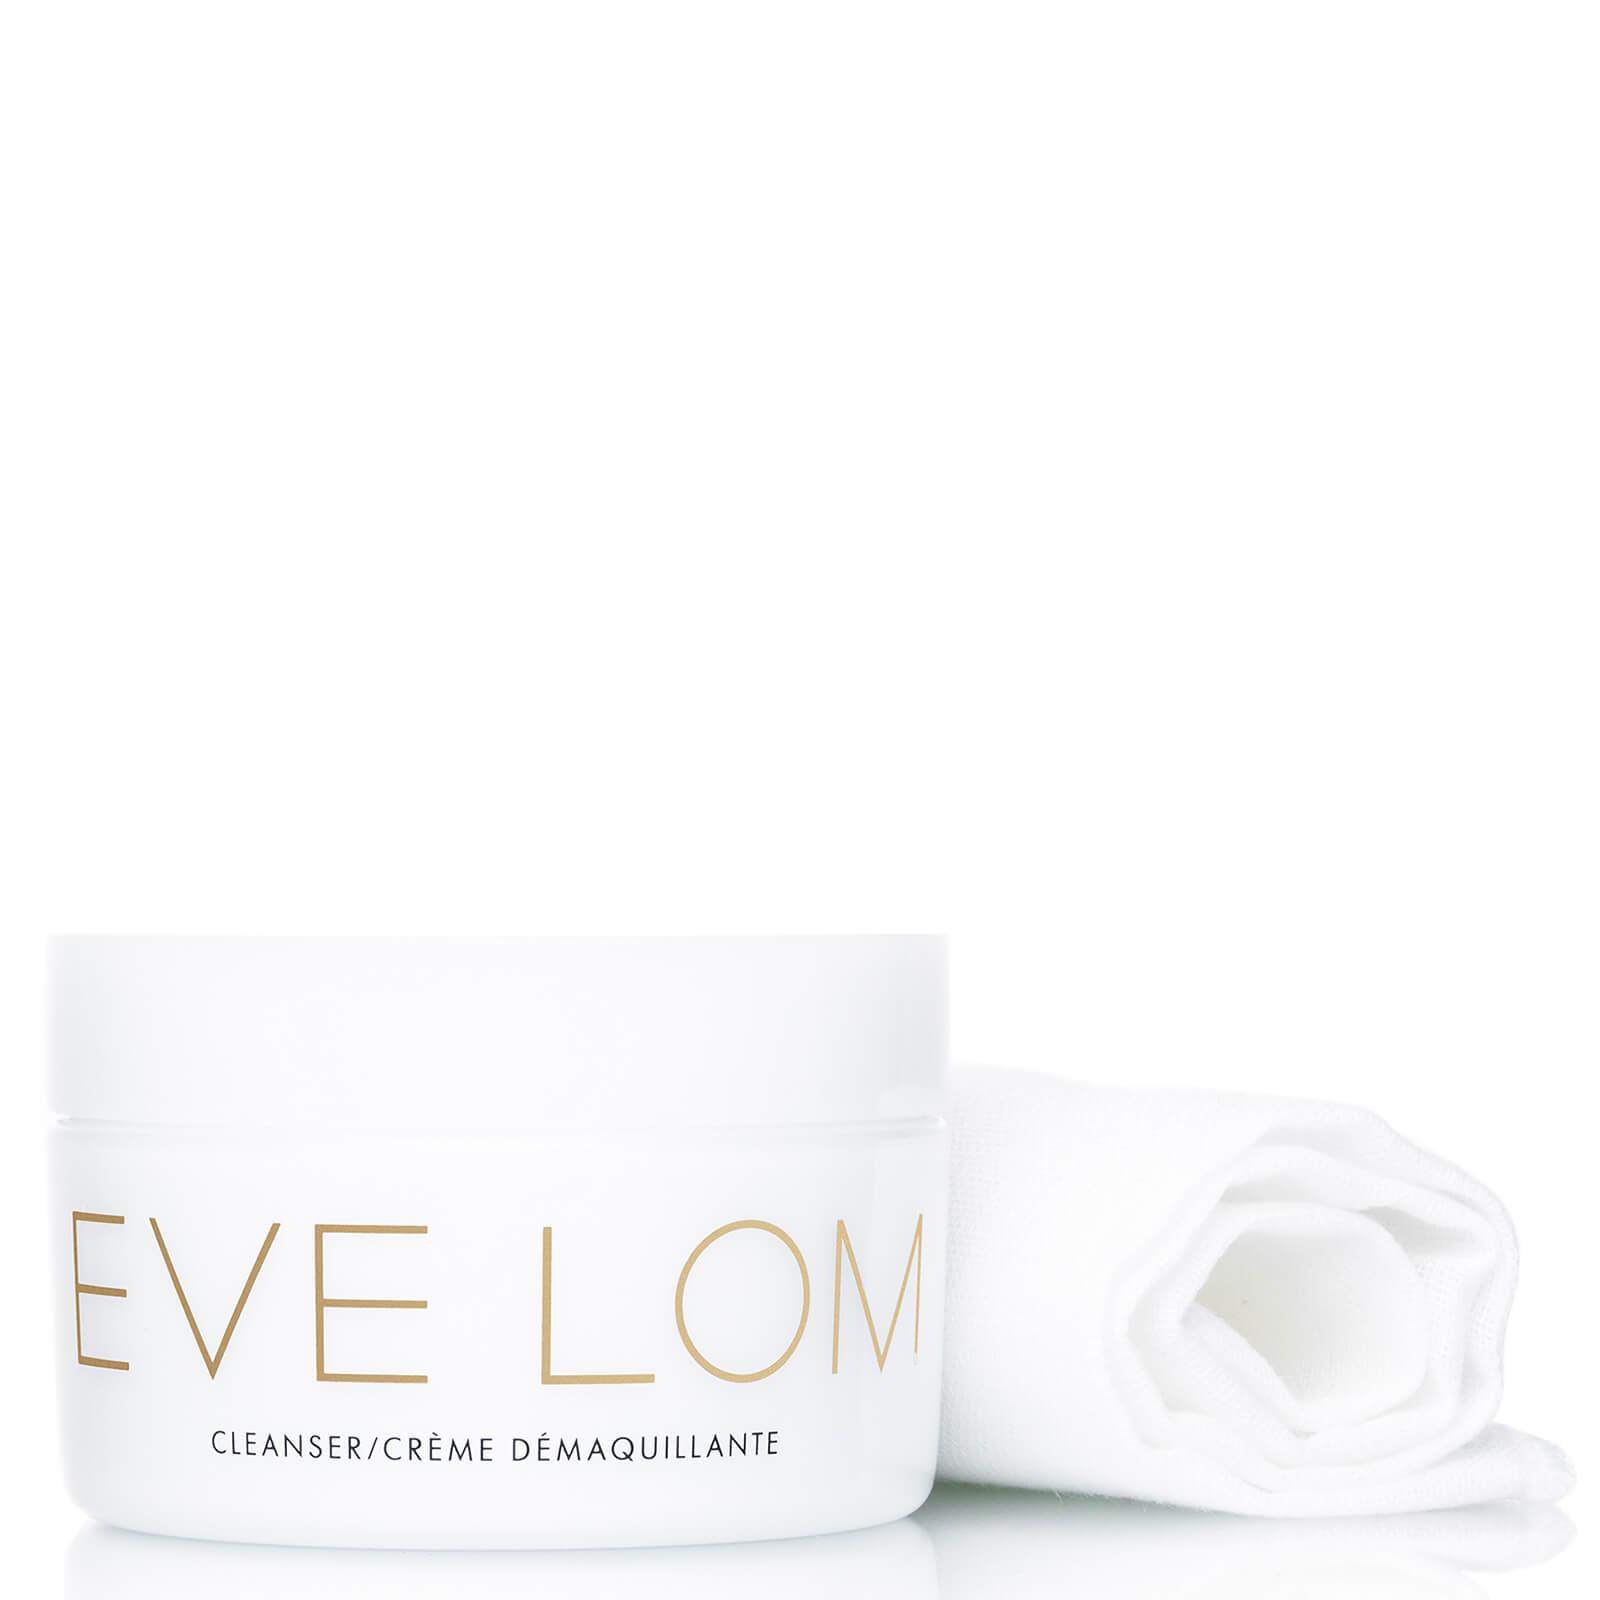 EVE LOM 卸妆膏 100ml 附一条洁面巾